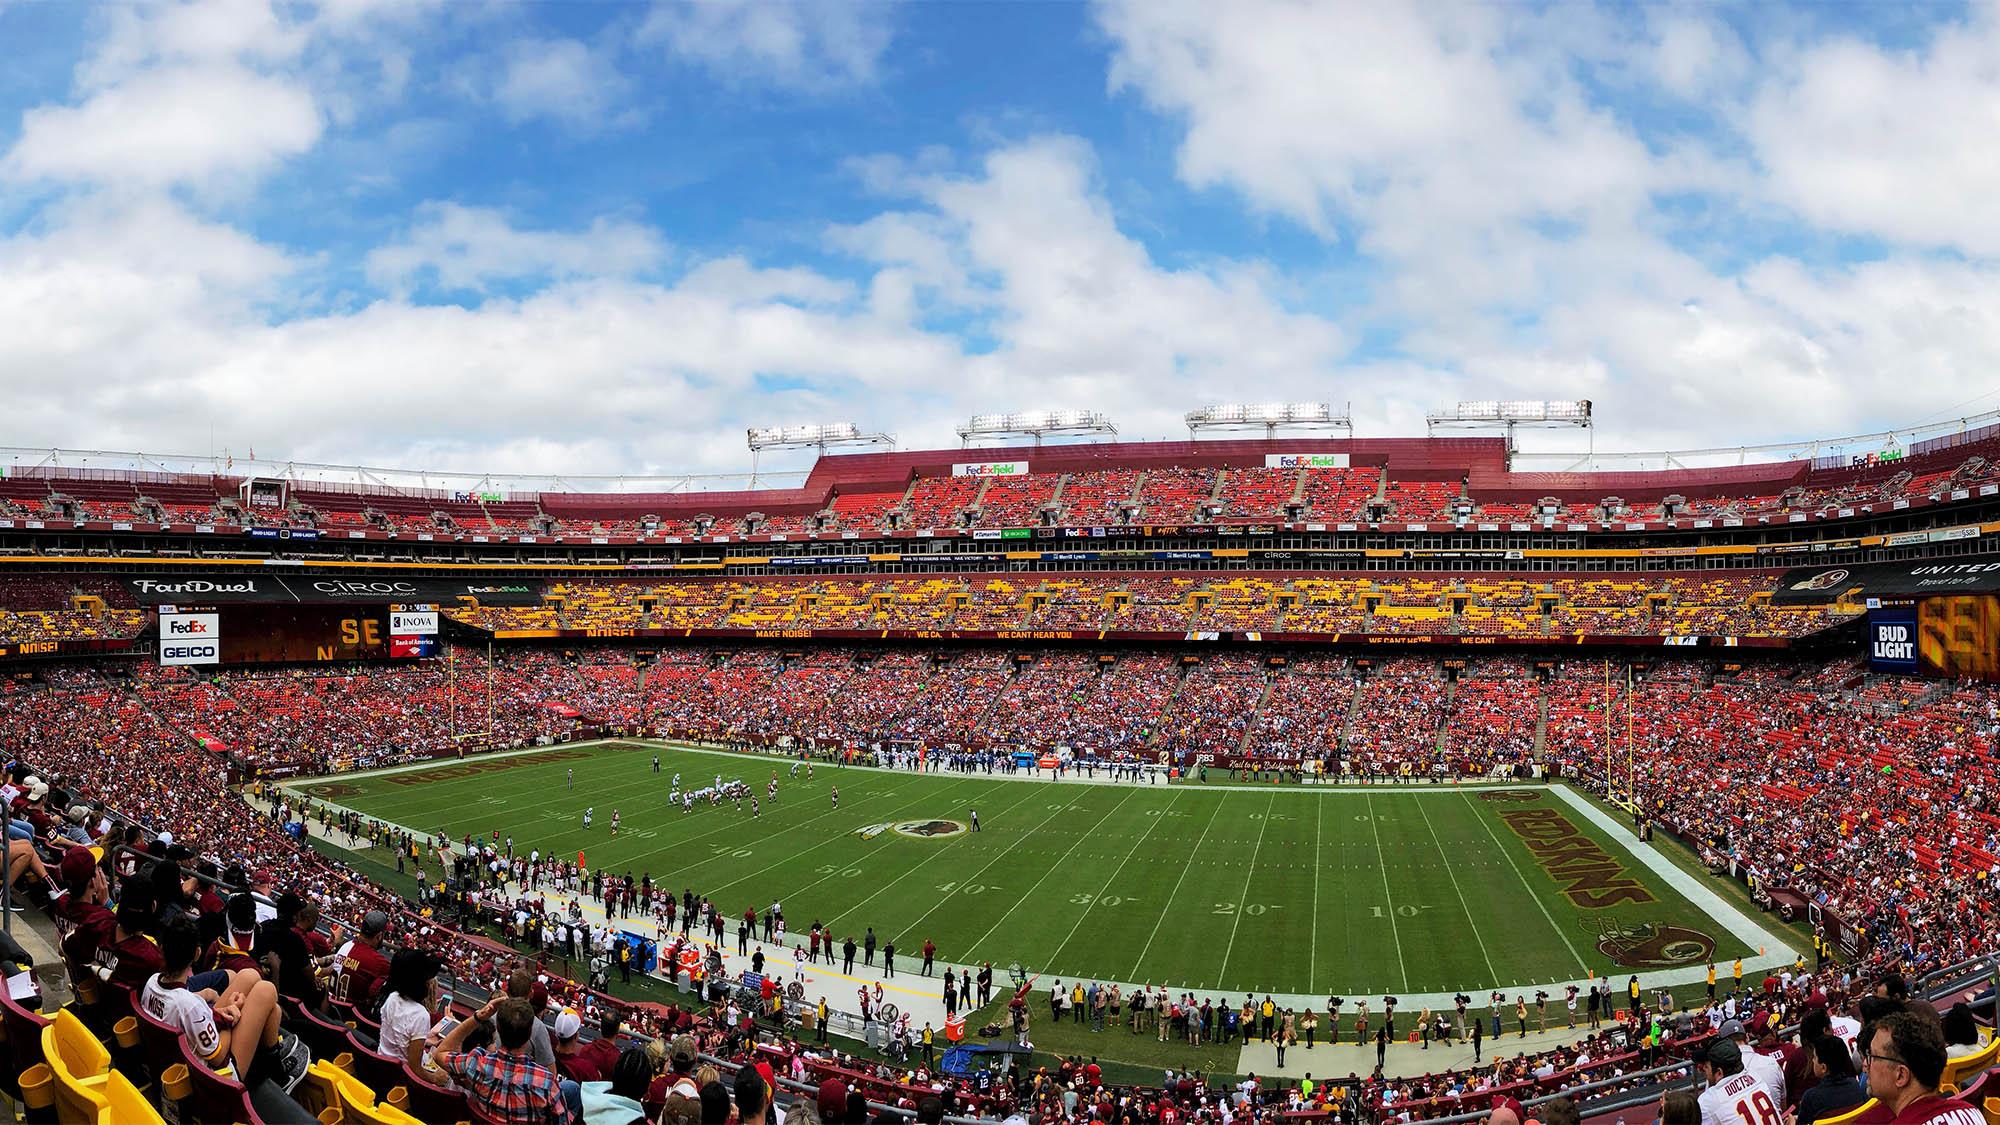 Football Stadium During Game